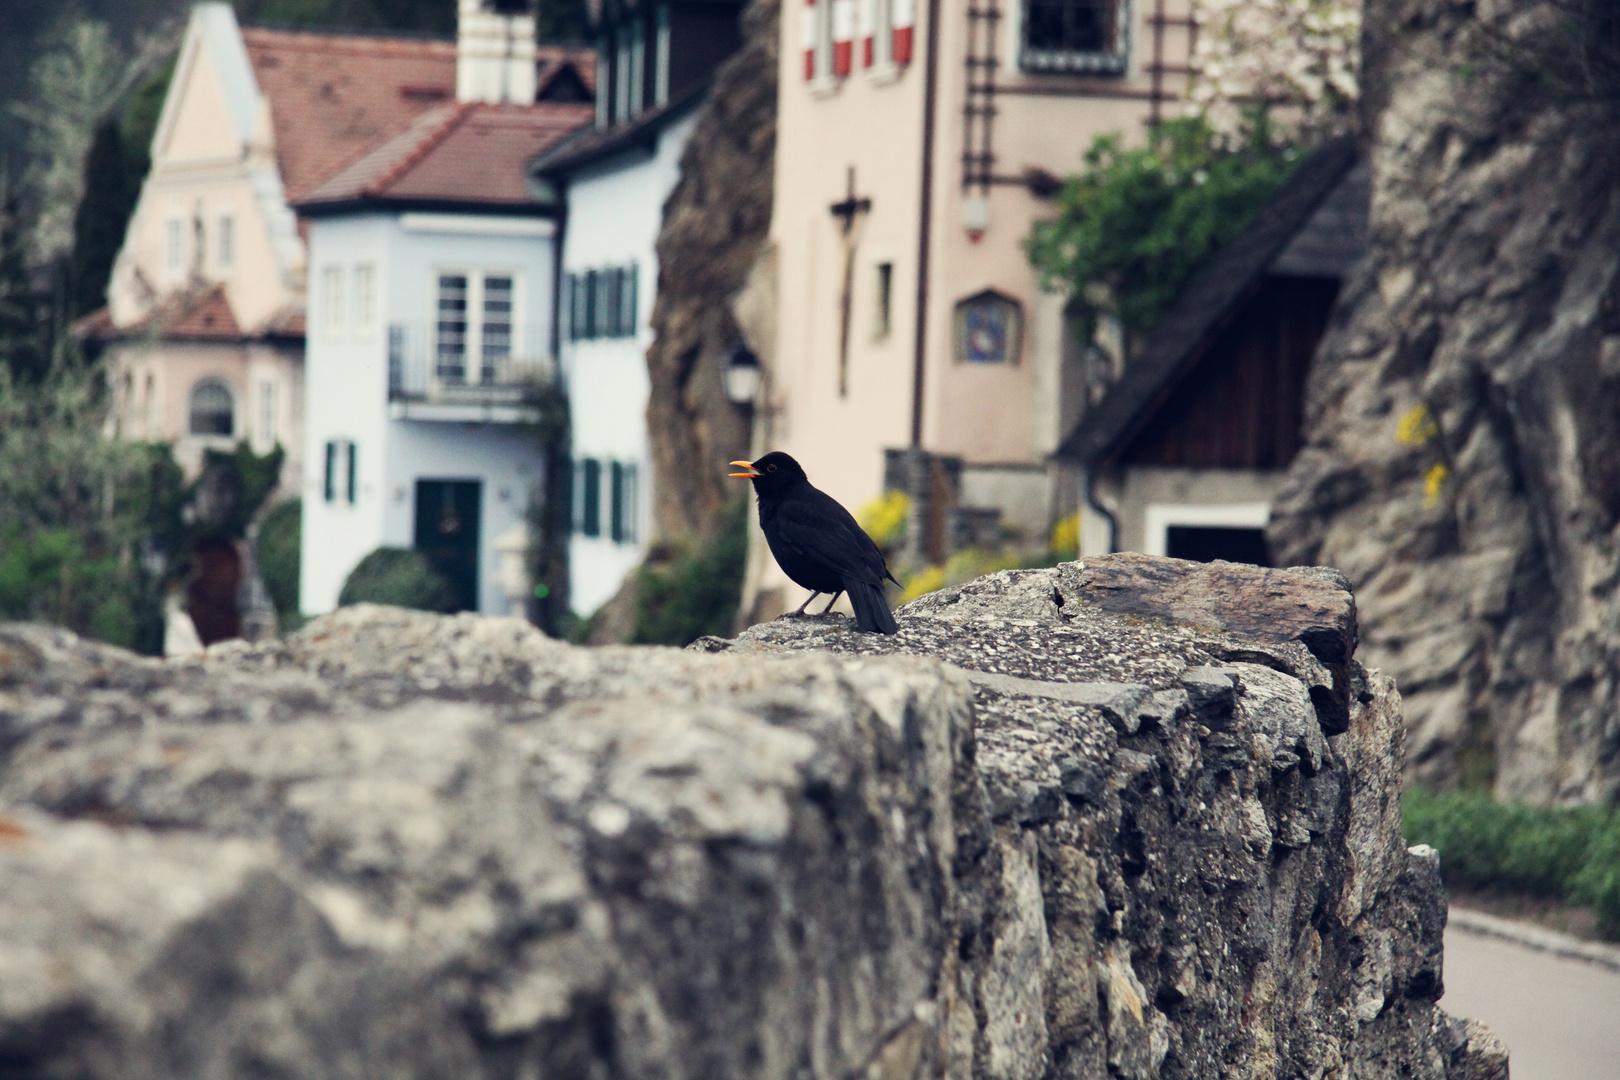 Ein Lied von den Vögeln ist die schönste Melodie in den Ohren.